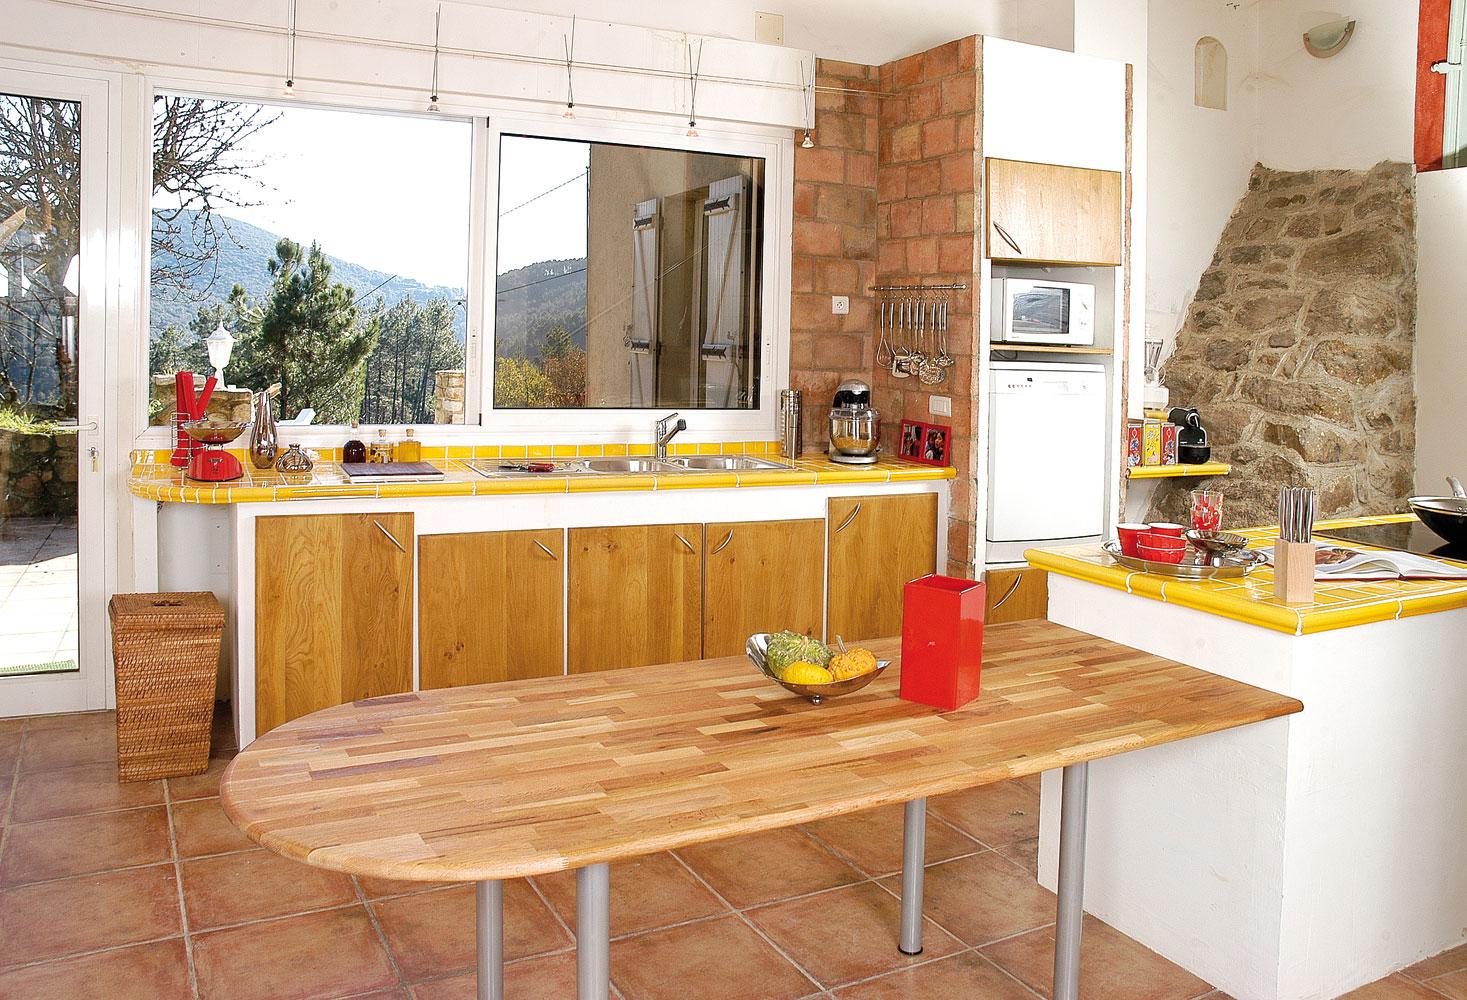 Une cuisine en mat riaux naturels 1 re partie les placards en ch ne bri - Cuisine carreaux de platre ...